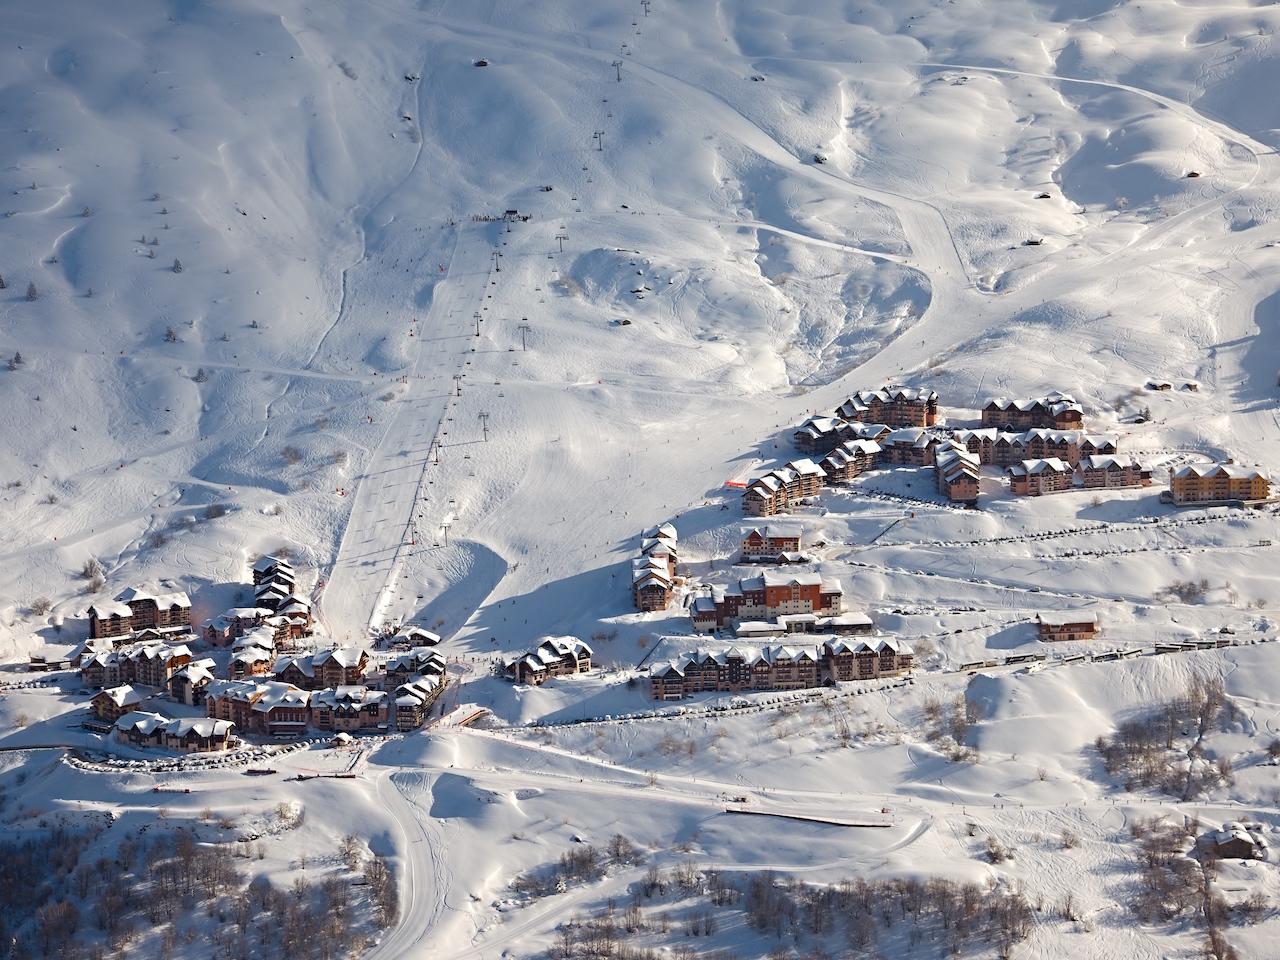 New development in ski resort